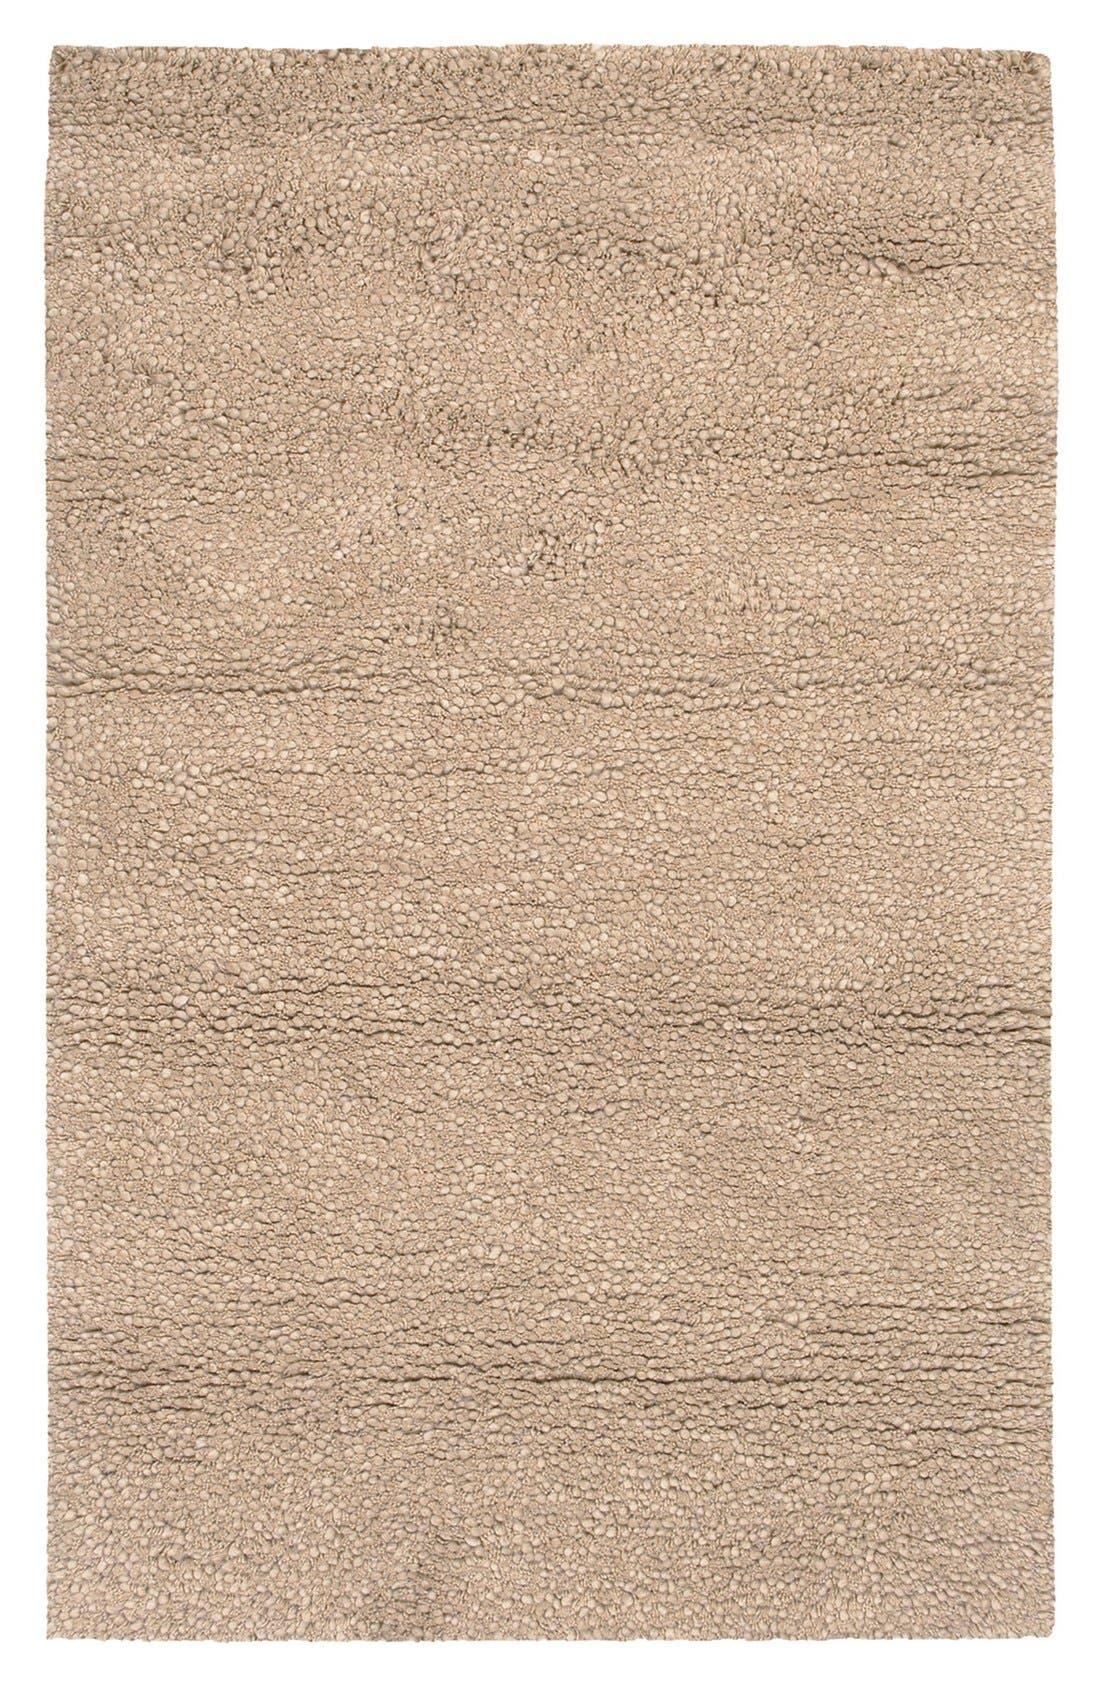 'Metropolitan' Wool Rug,                         Main,                         color, Beige